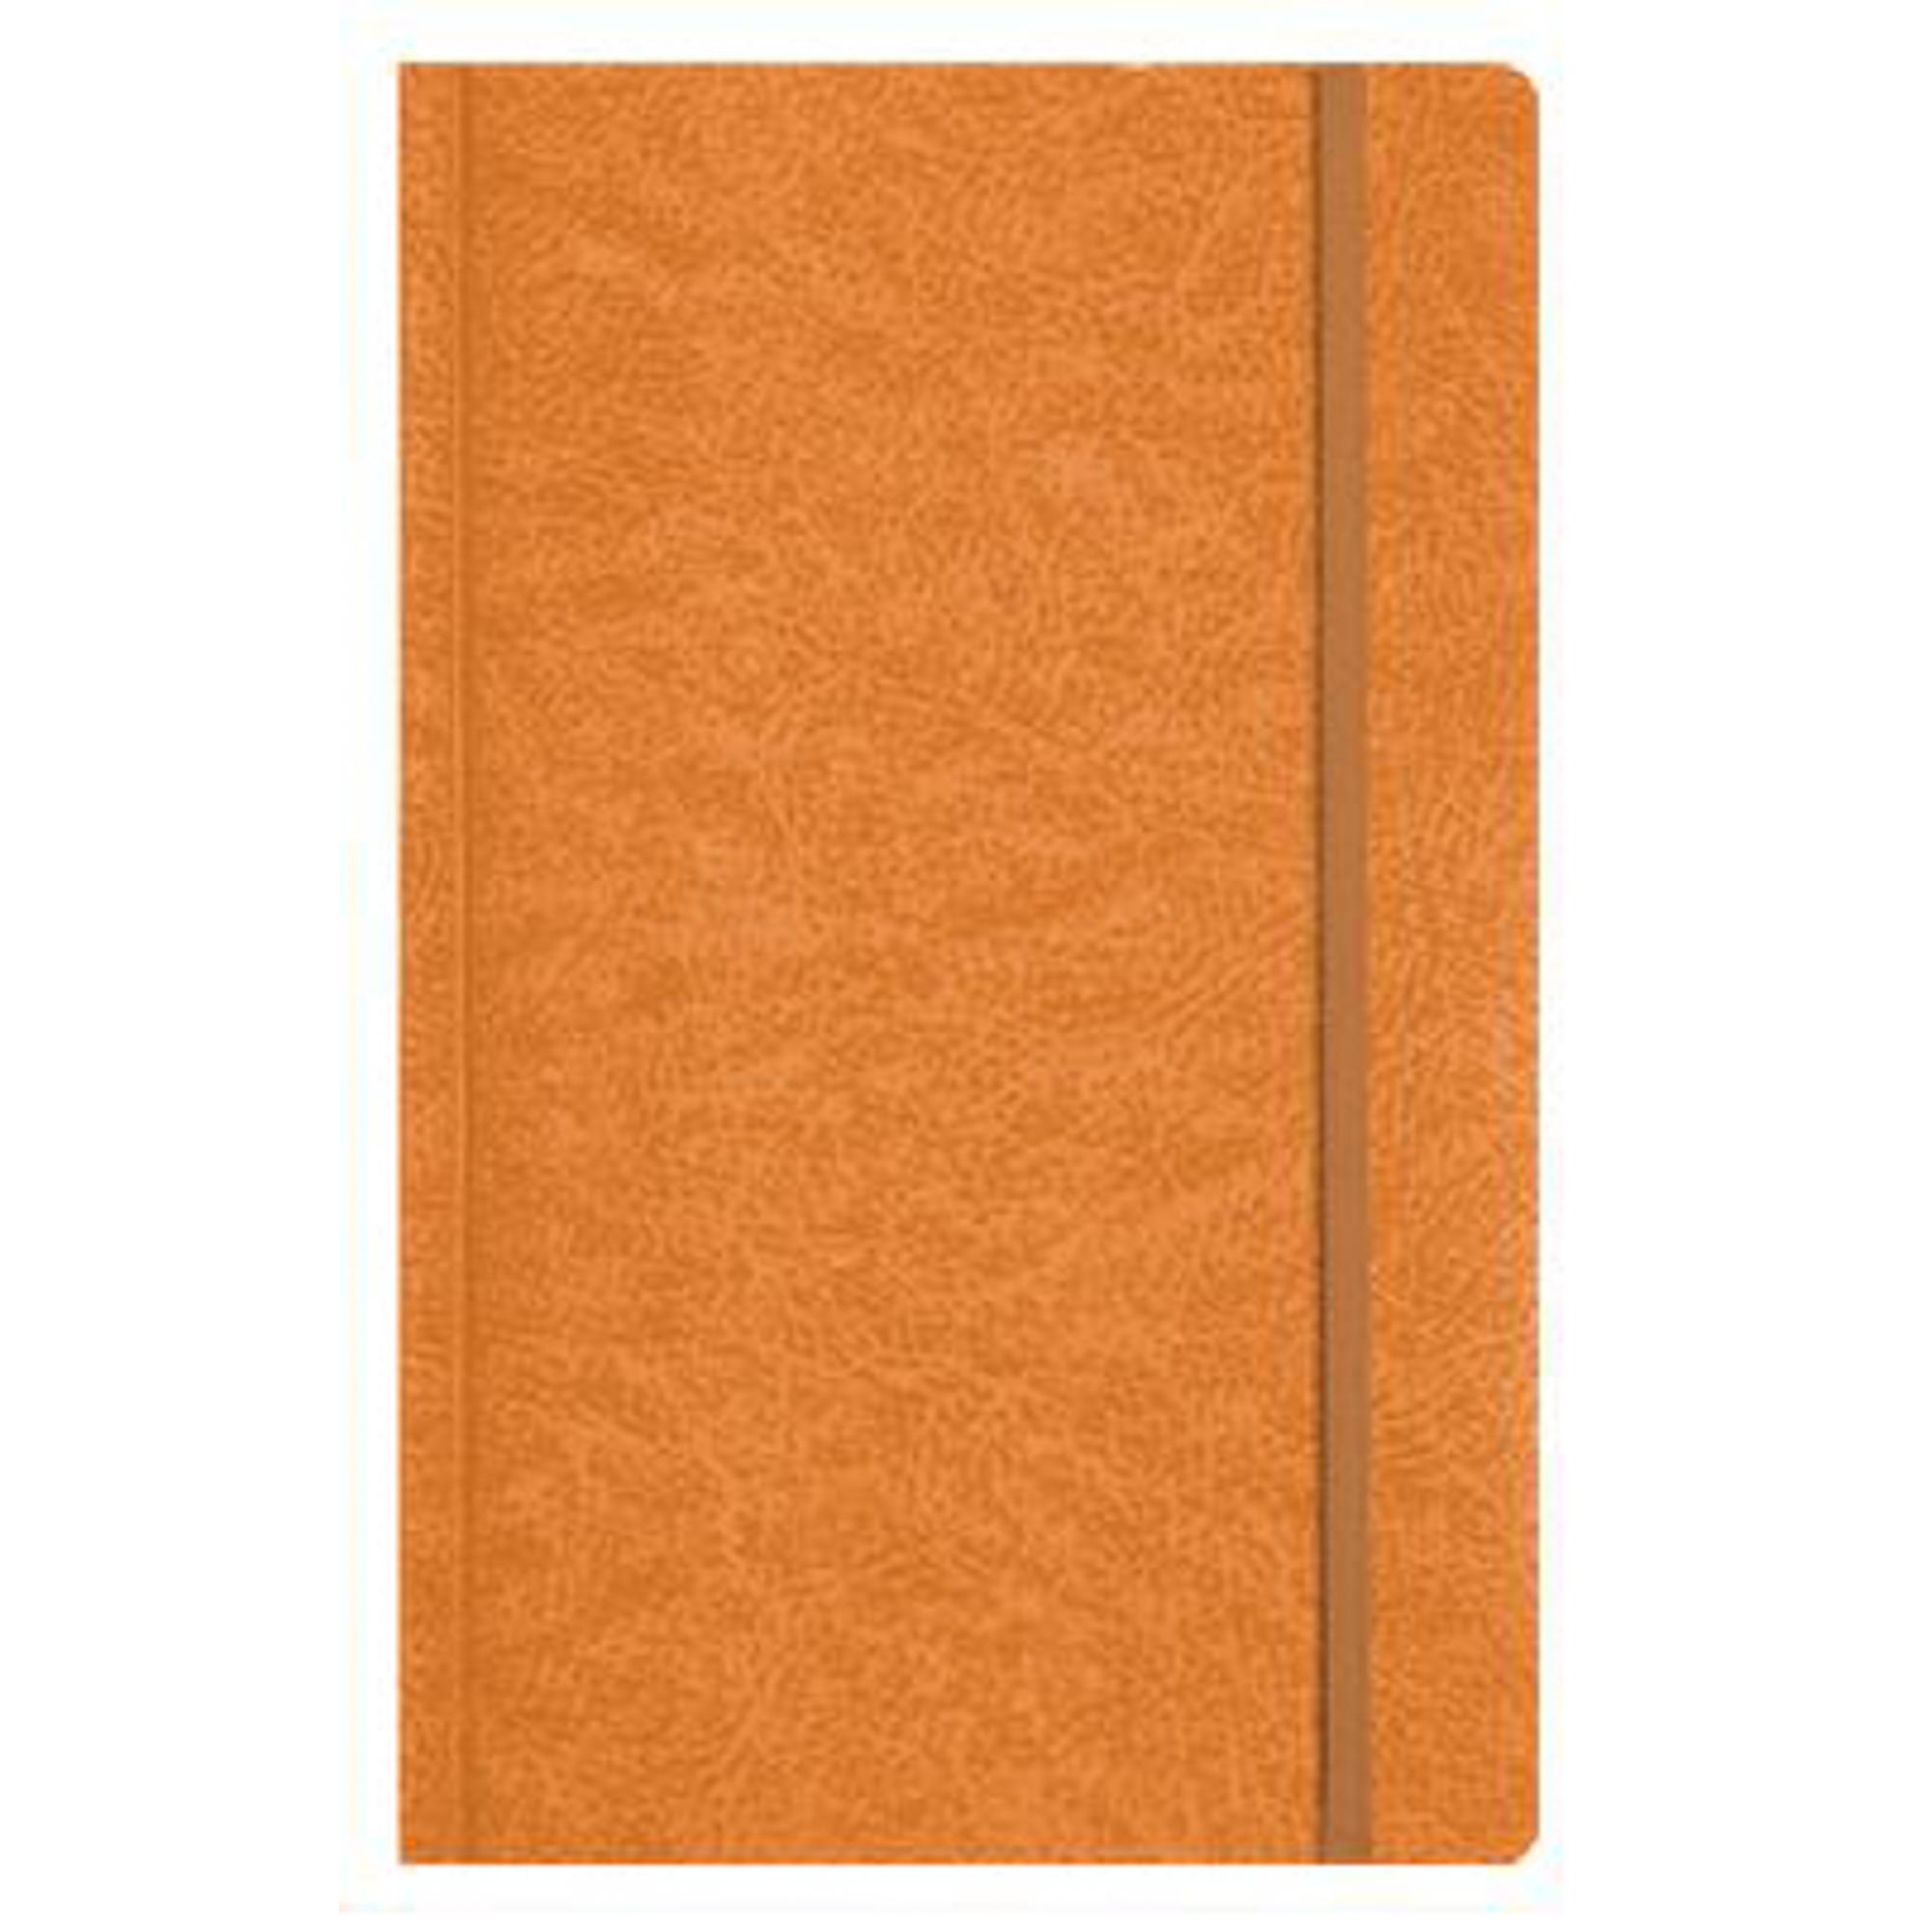 Купить Книга записная perfect Erich krause, Индия